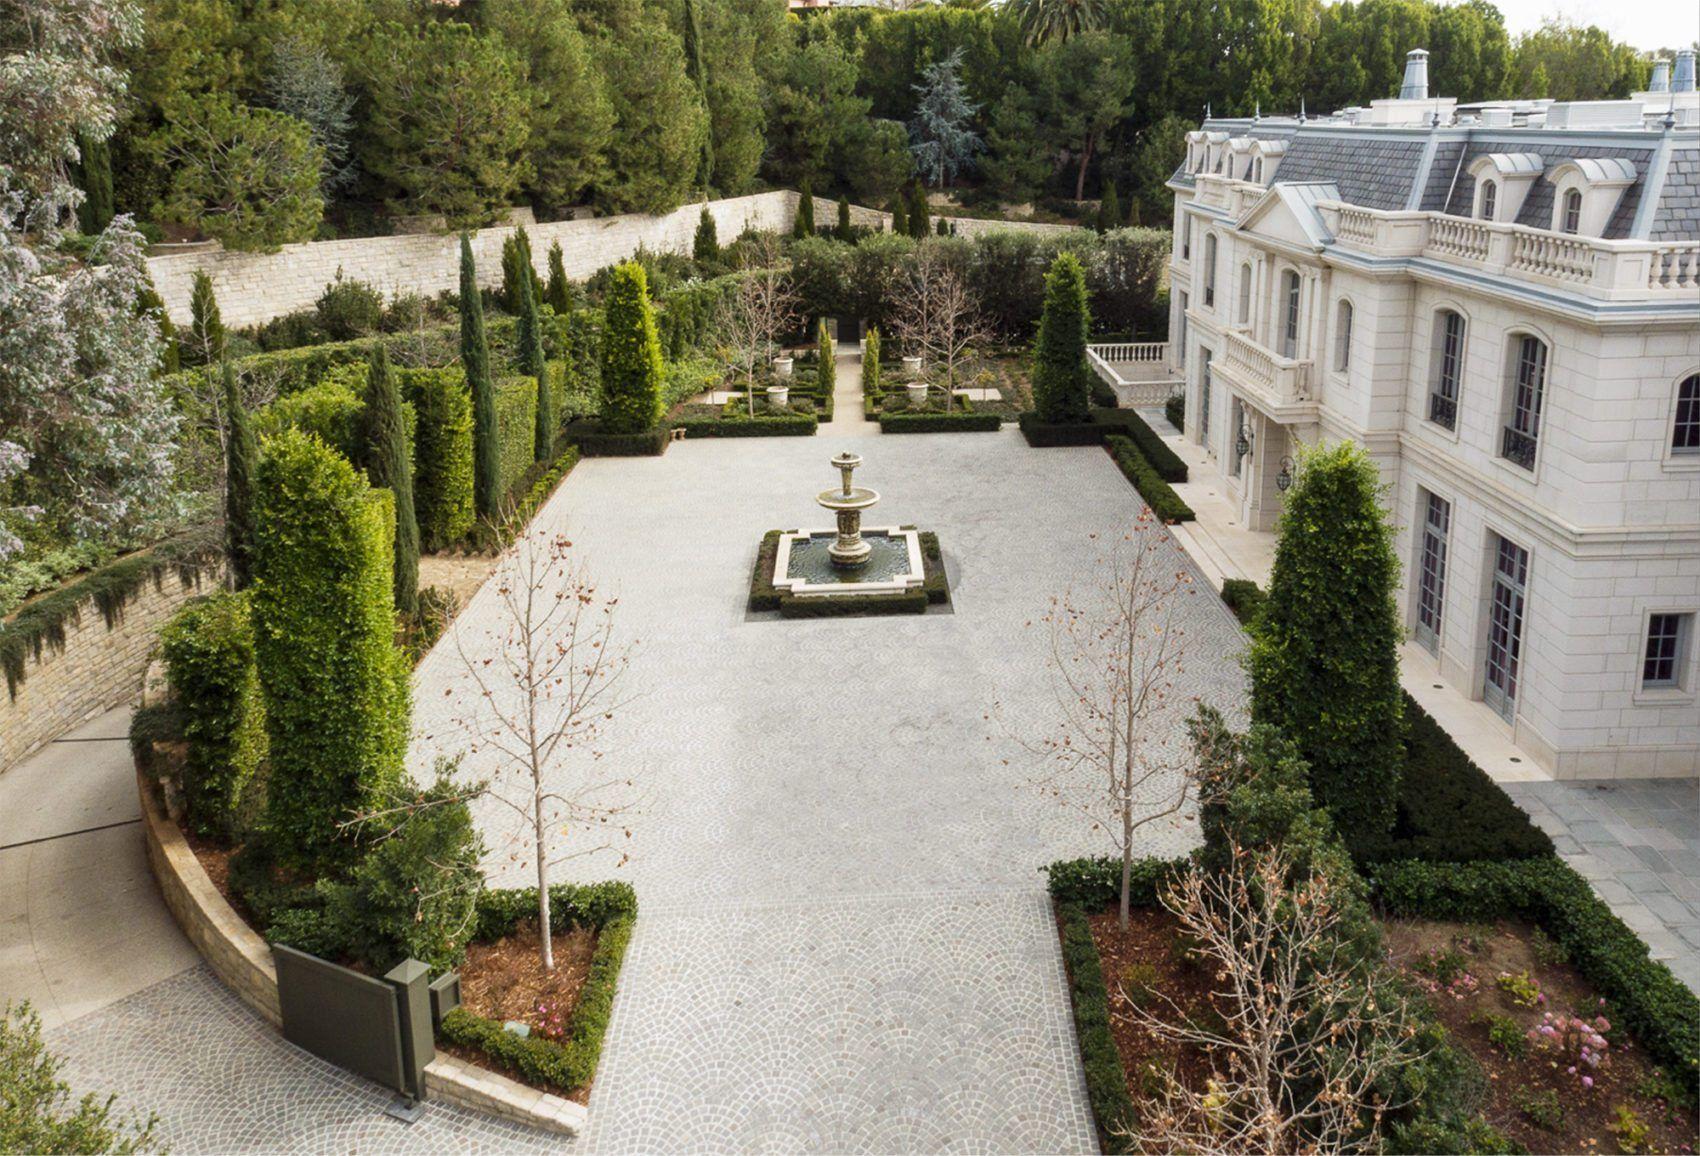 Chateau Des Fleurs Landscape Landscape French Chateau Chateau